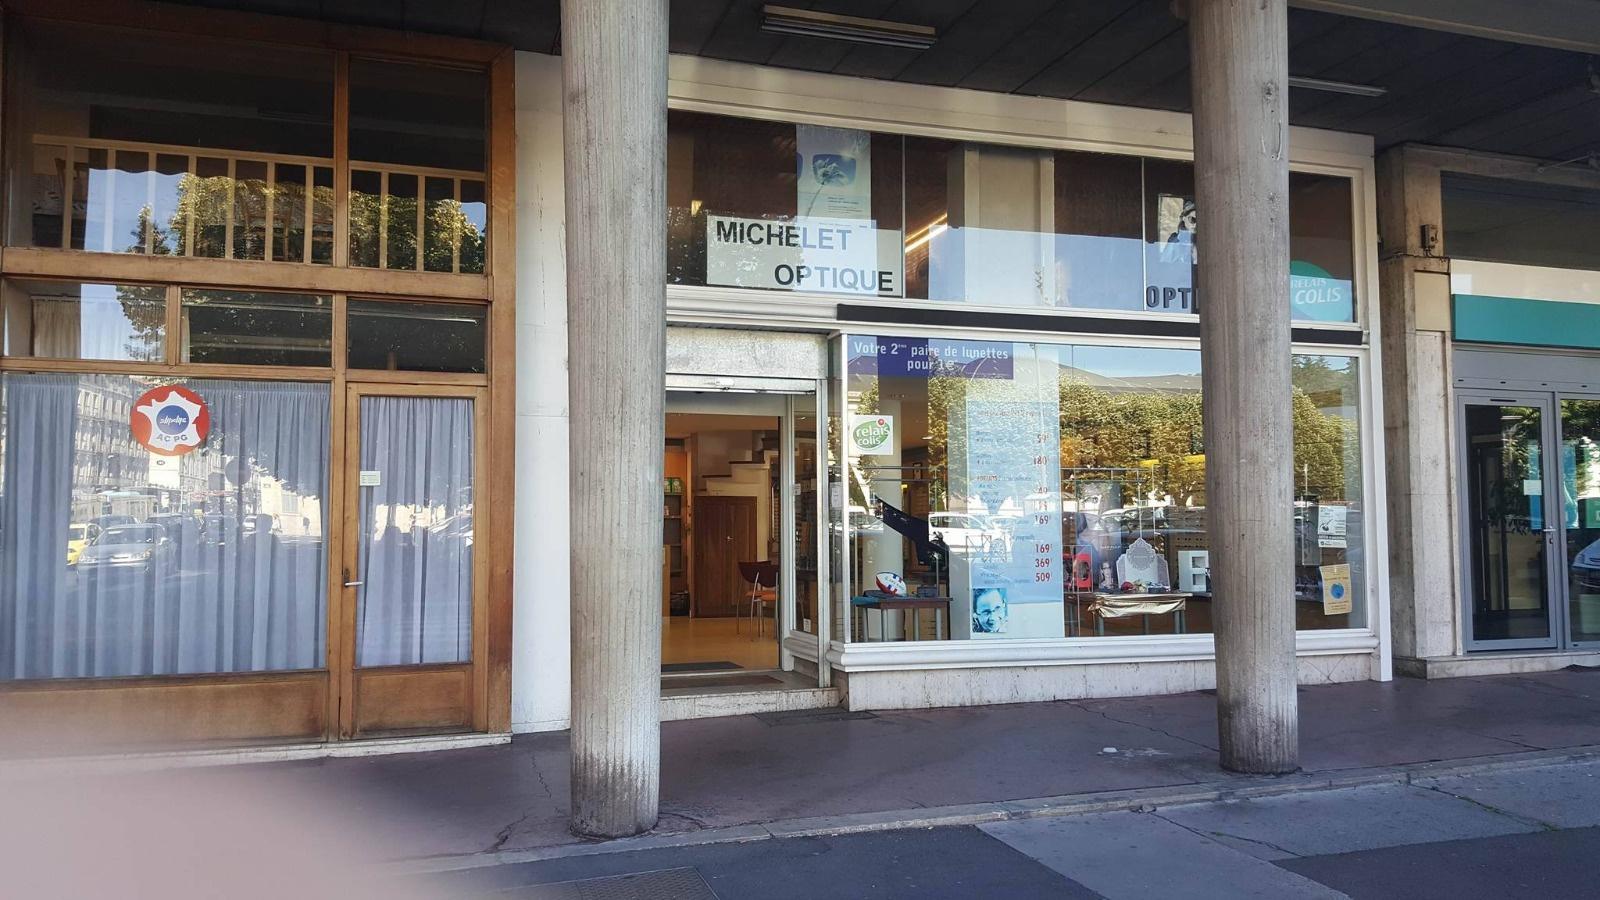 Vente Immobilier Professionnel Cession de droit au bail Le Puy-en-Velay 43000